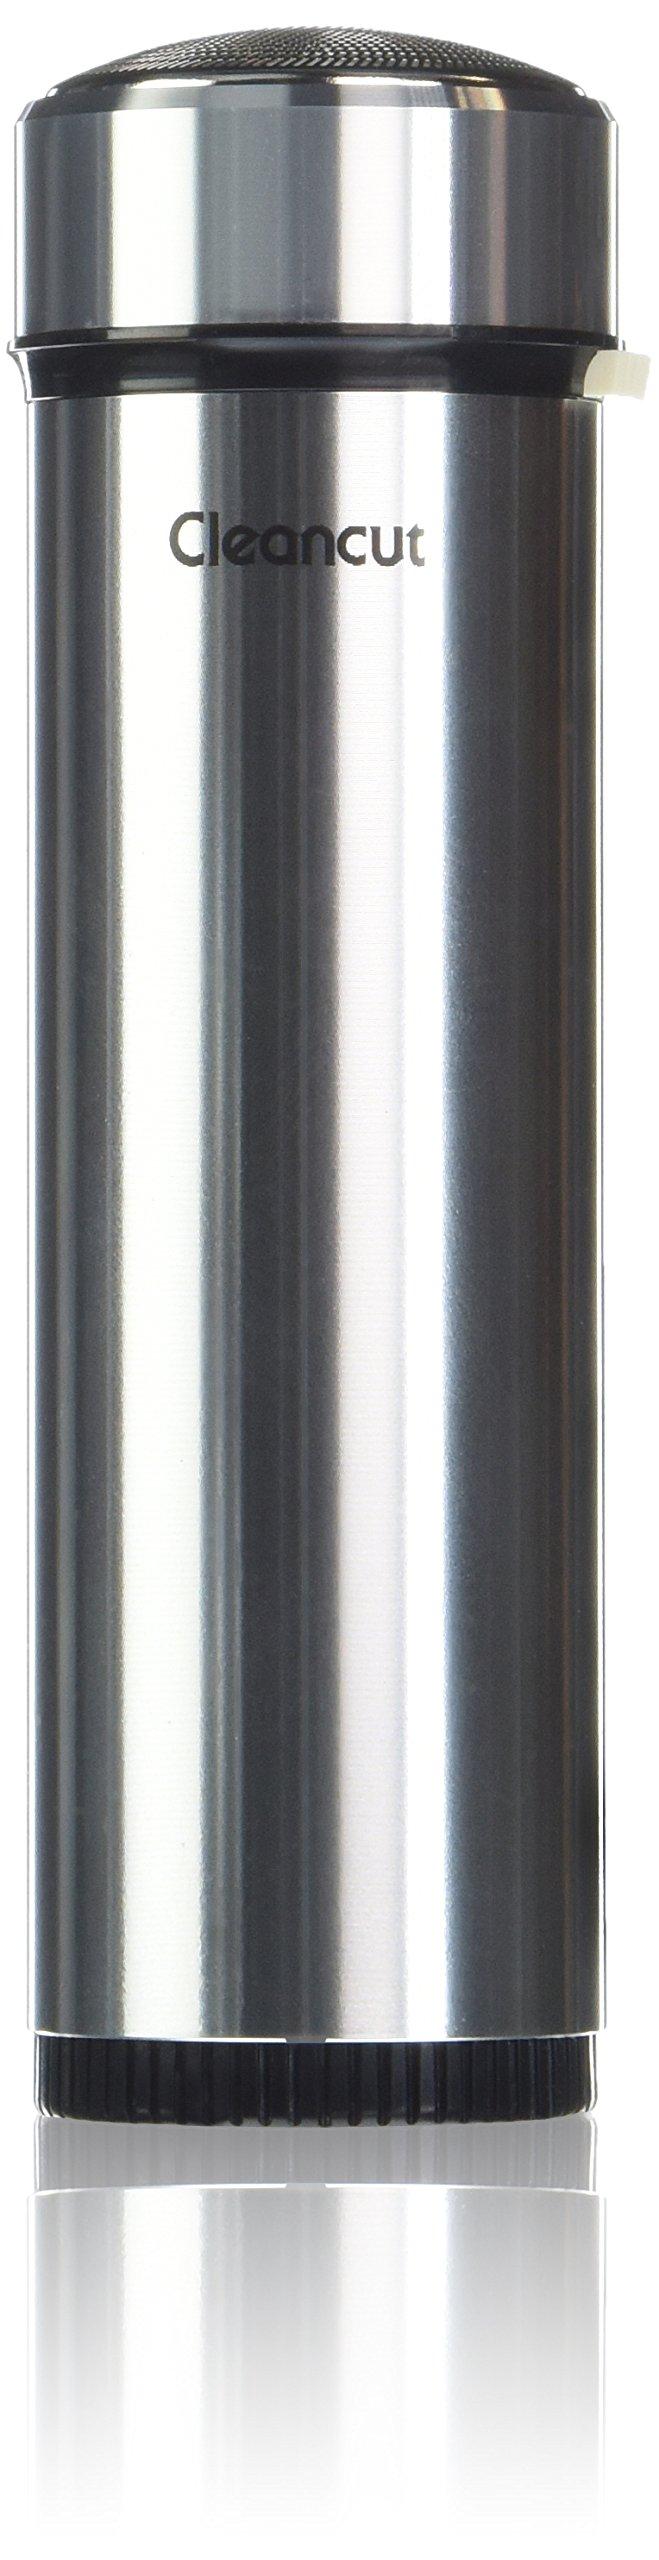 Cleancut ES412 Personal Shaver